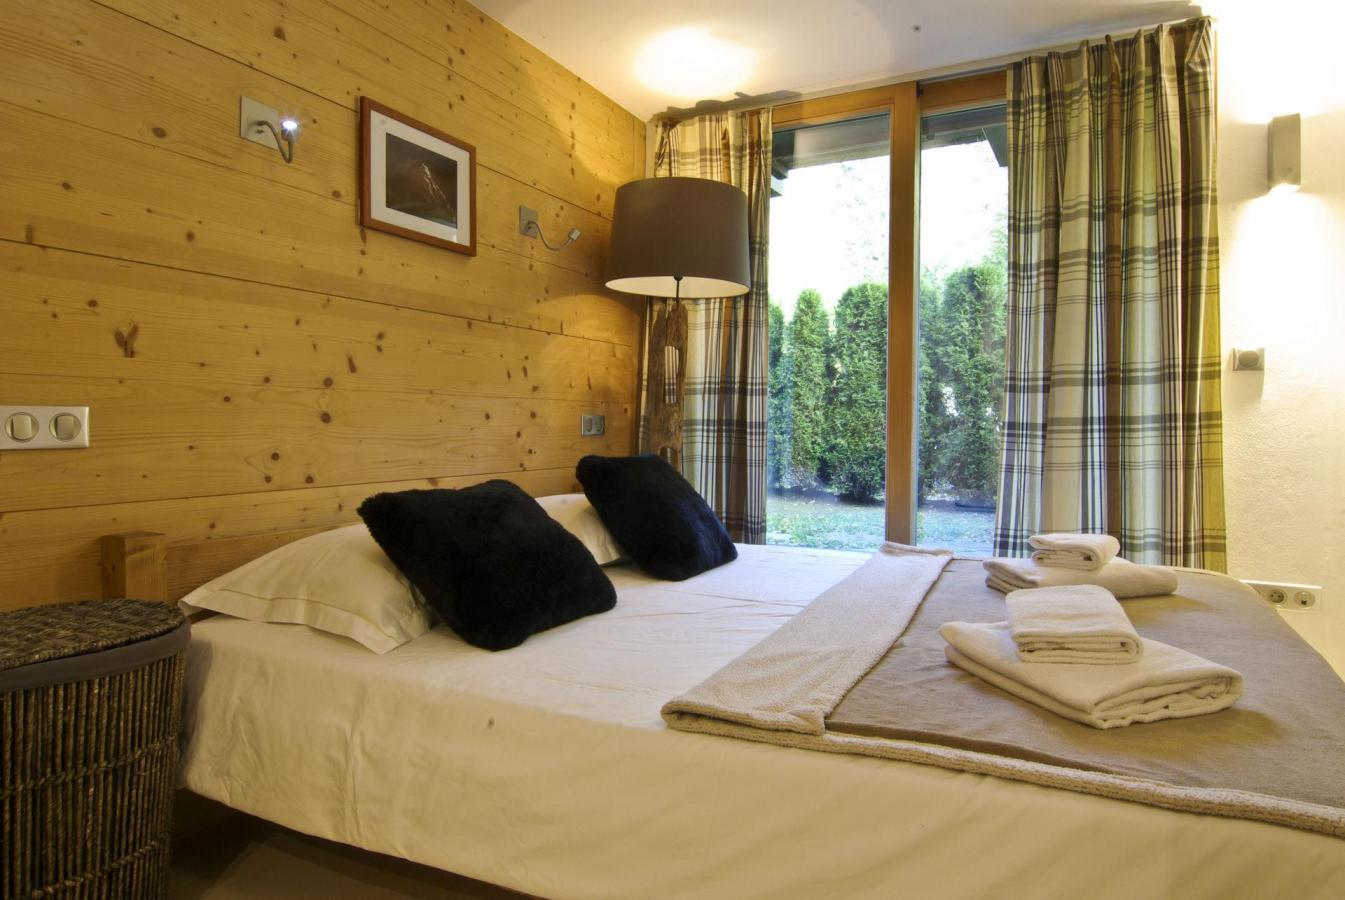 Location au ski Appartement 3 pièces mezzanine 4 personnes - Residence Mermille - Chamonix - Chambre